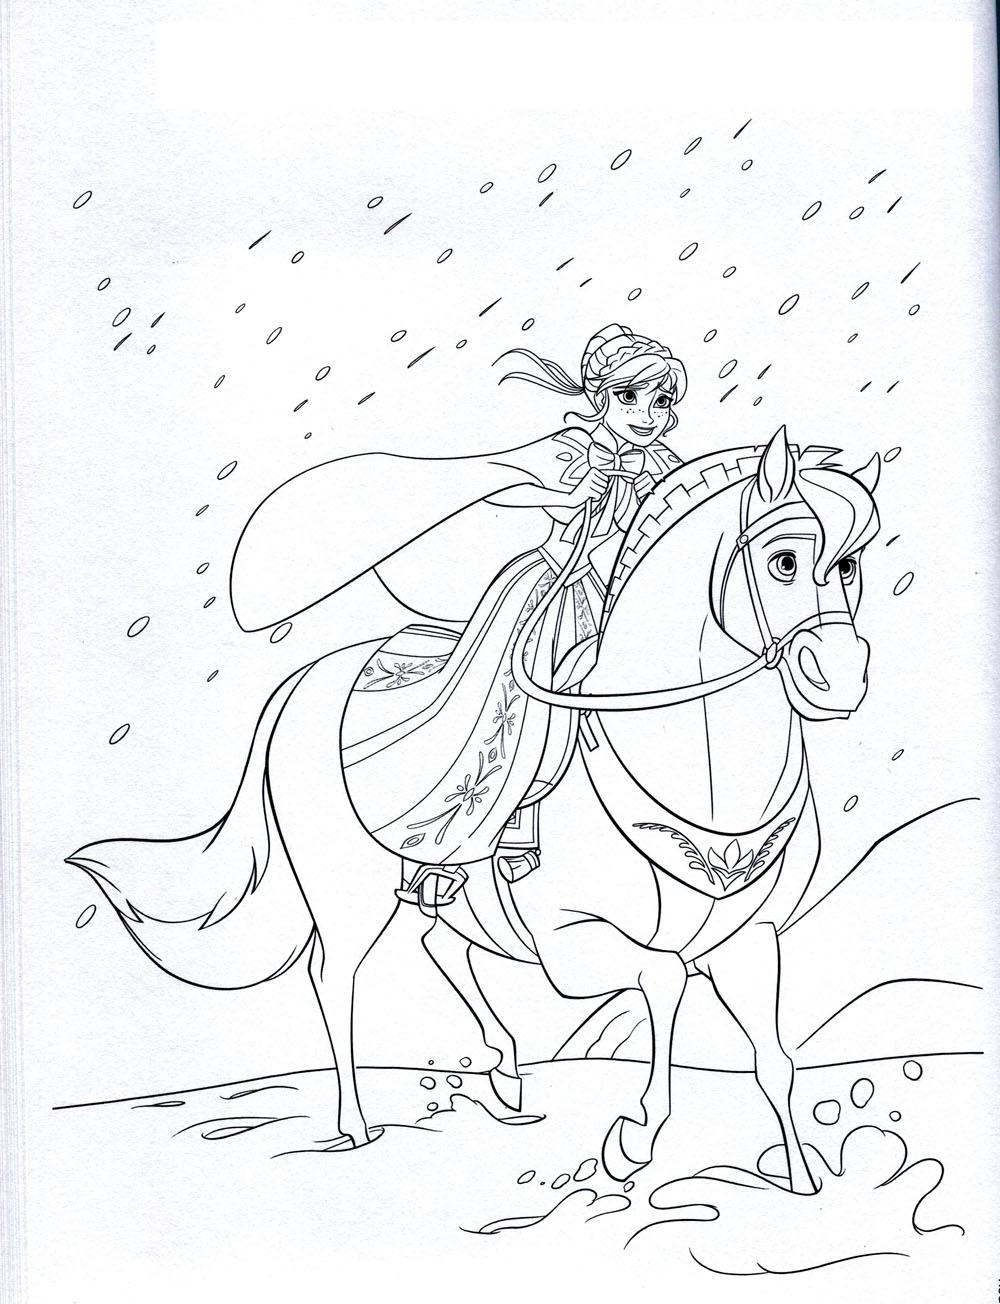 Coloriage Reine Des Neiges Elsa Imprimer Gratuit | Search destiné Dessin A Imprimer Reine Des Neiges